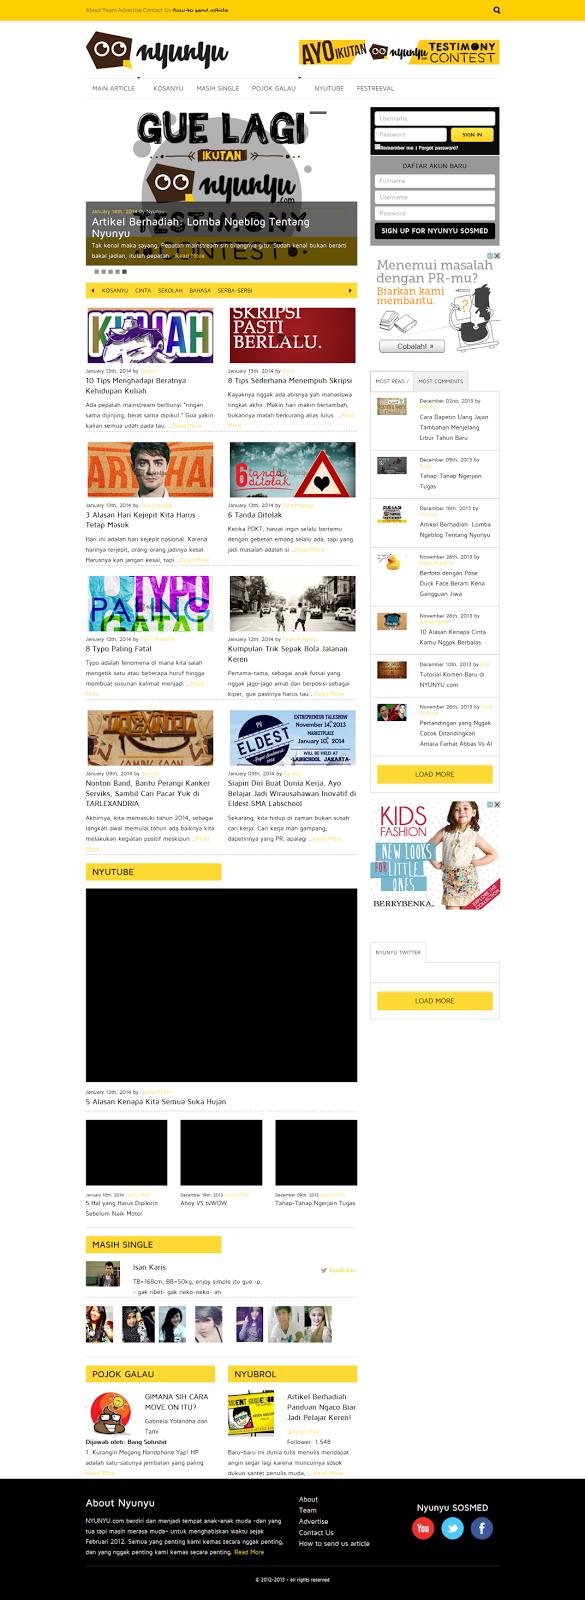 Nyunyu Website